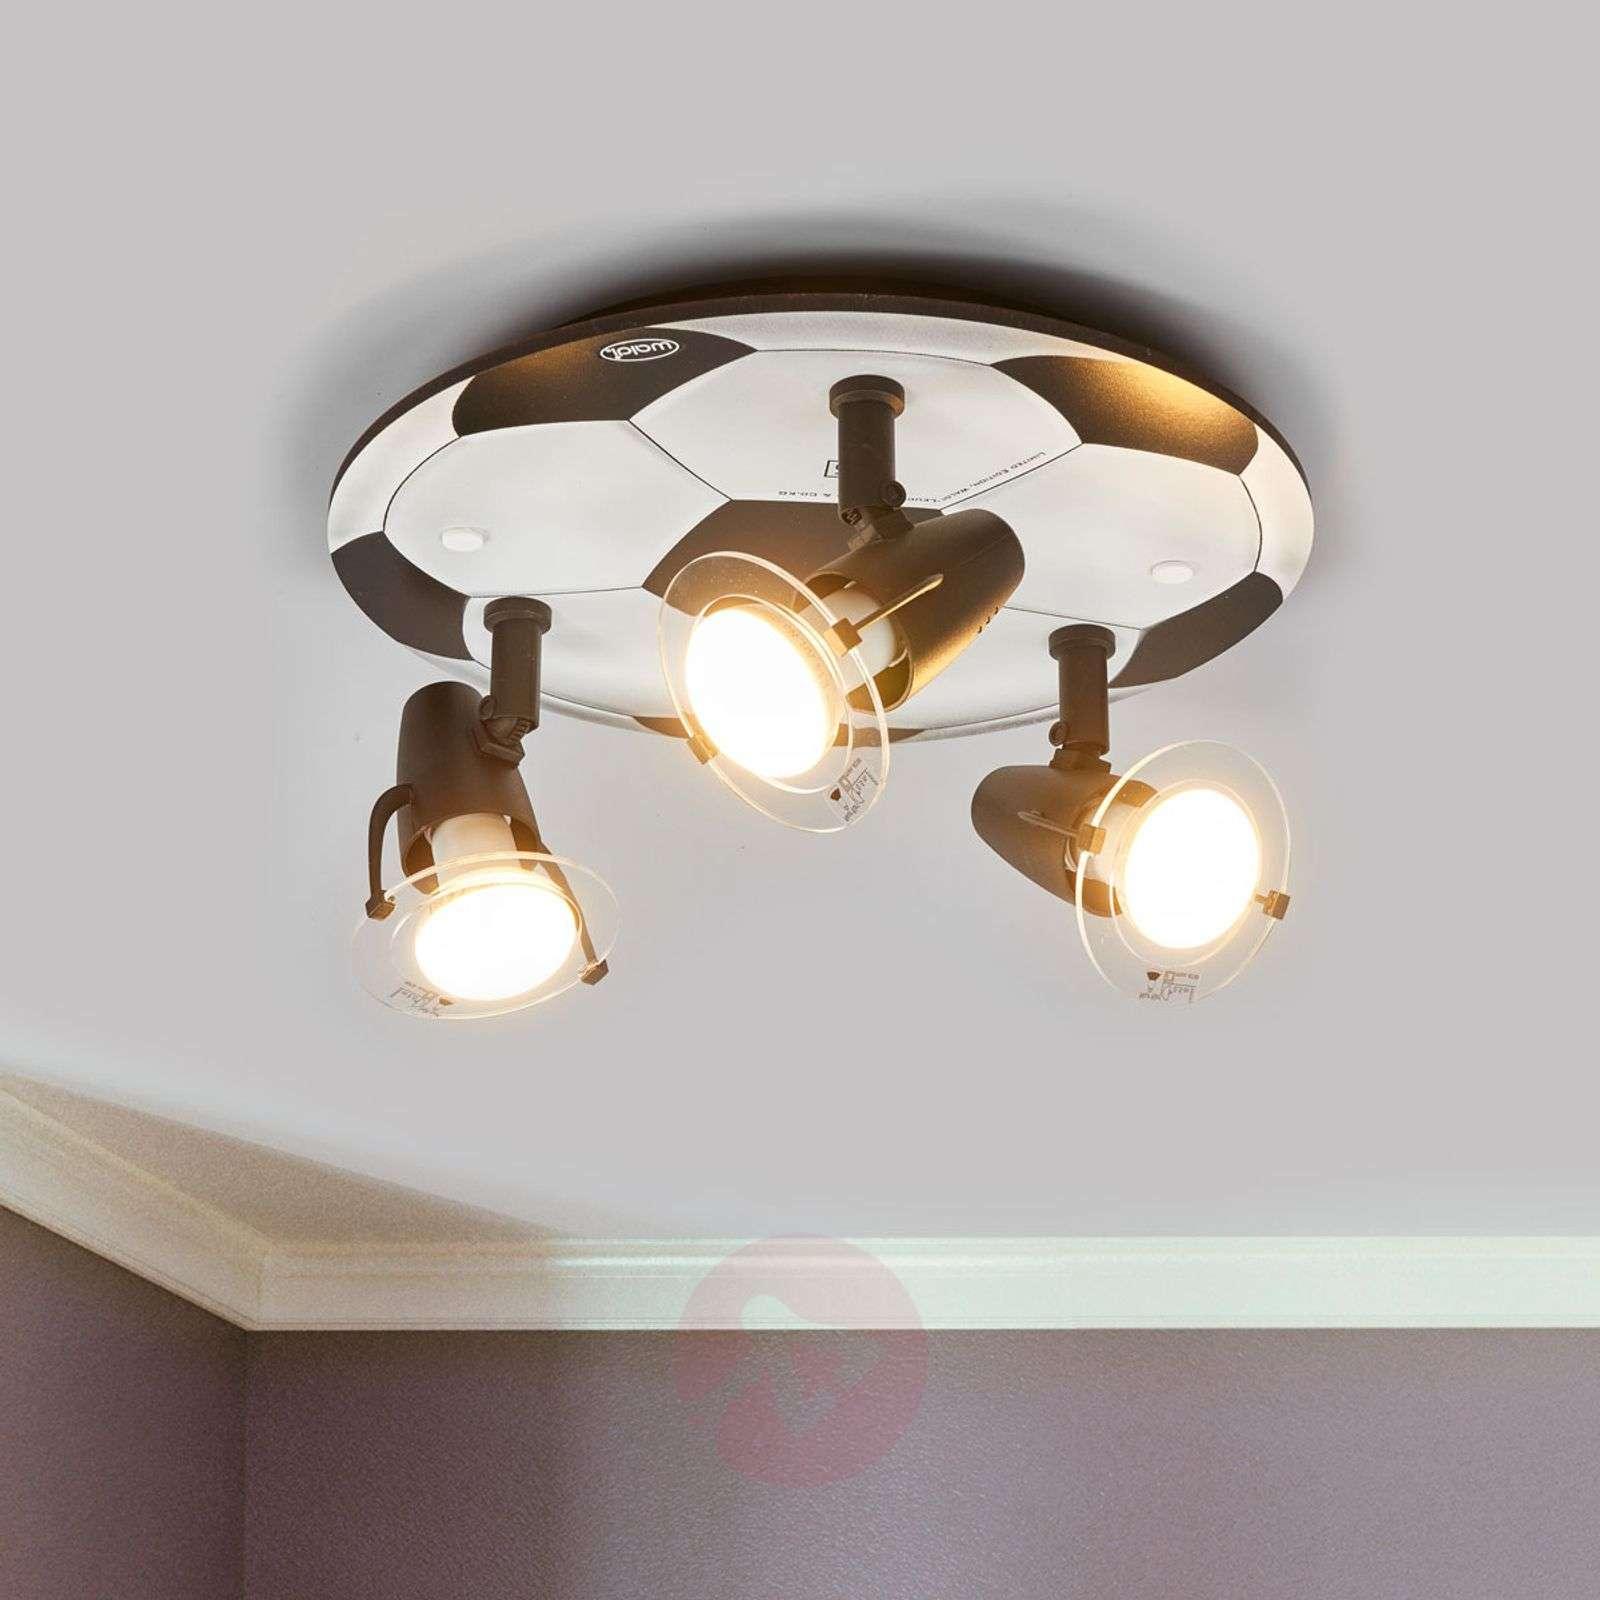 Football ceiling light with 3 bulbs-9505042-01